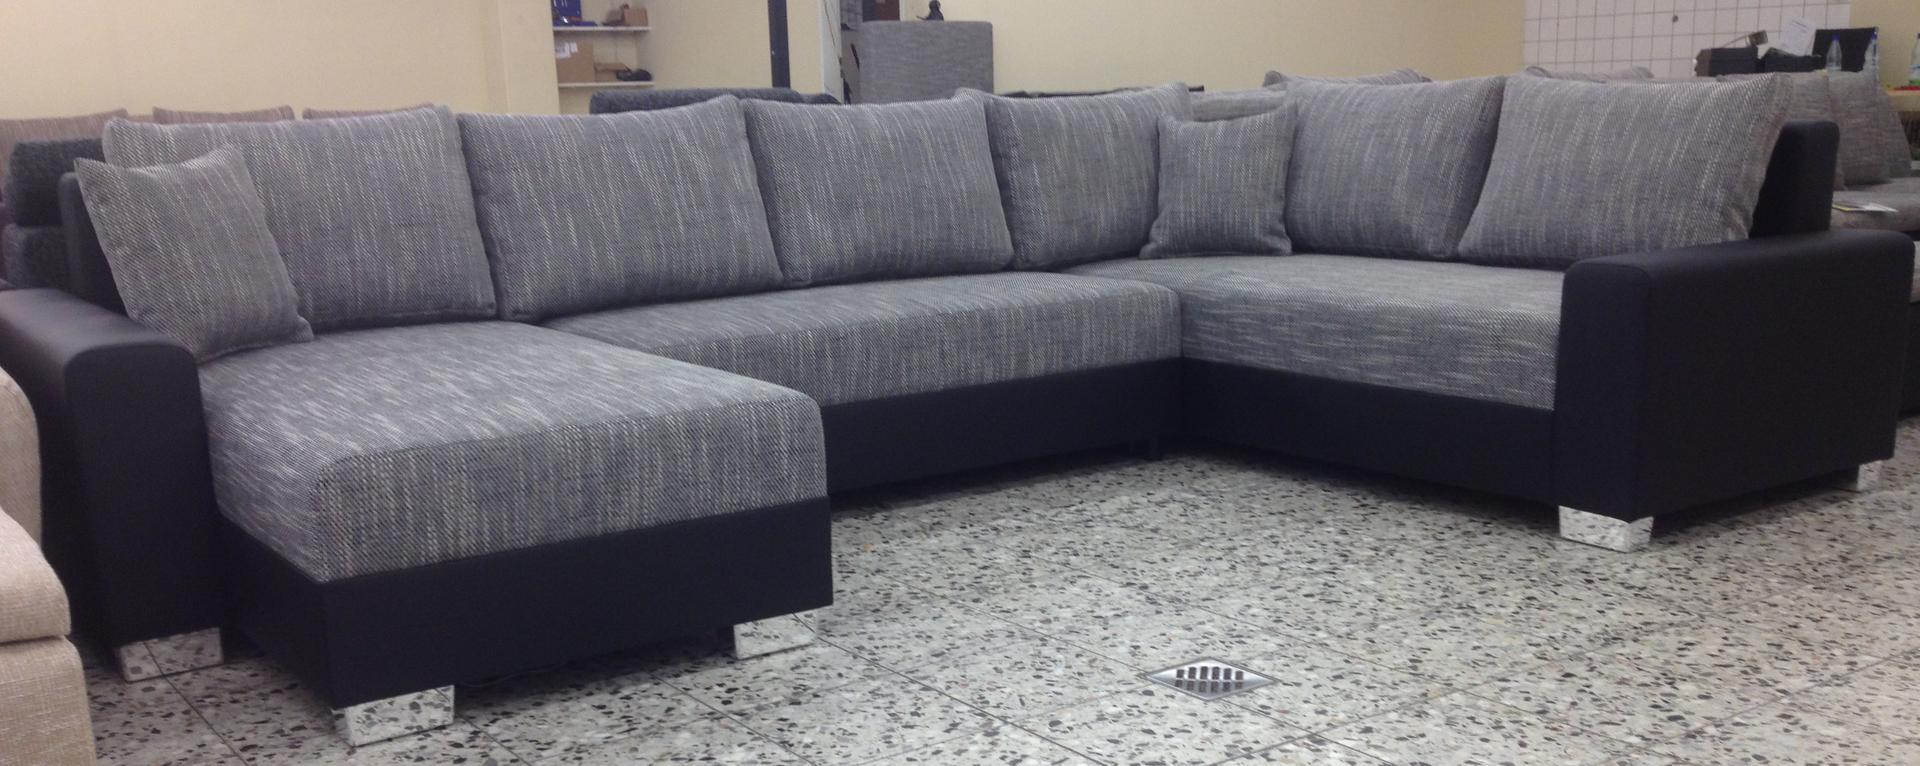 Sofa Lagerverkauf Wohnen Couch Wohnlandschaft Sofa Couch